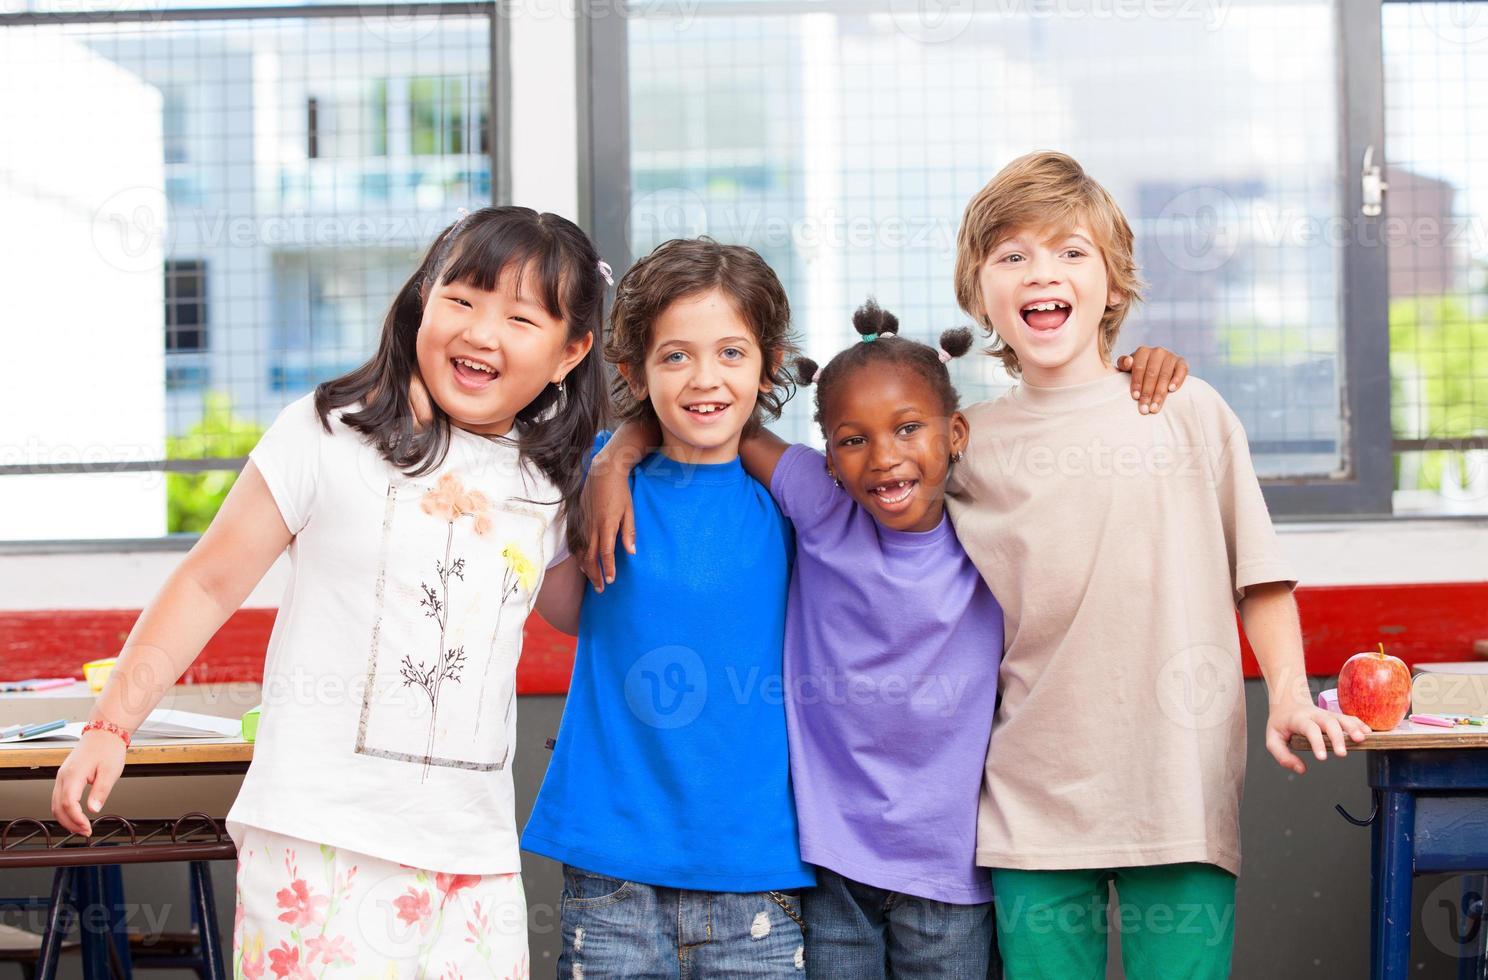 classe multi ethnique. afro américain, asiatique et caucasien prima photo